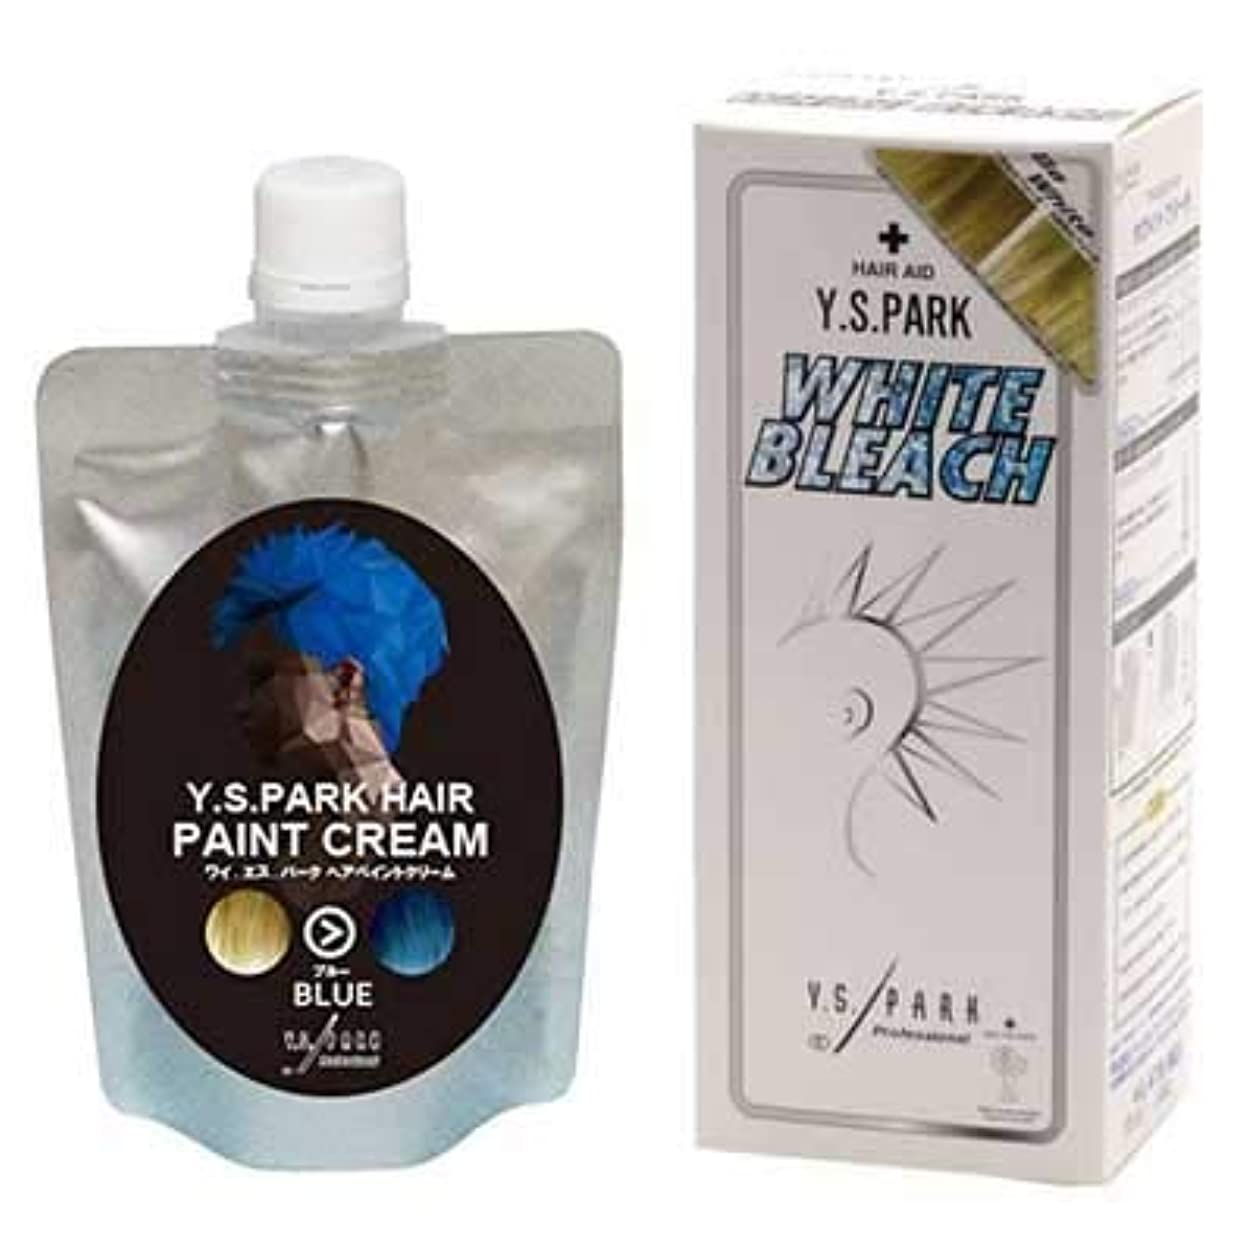 リマ手つかずのナサニエル区Y.S.PARKヘアペイントクリーム ブルー 200g & Y.S.PARKホワイトブリーチセット